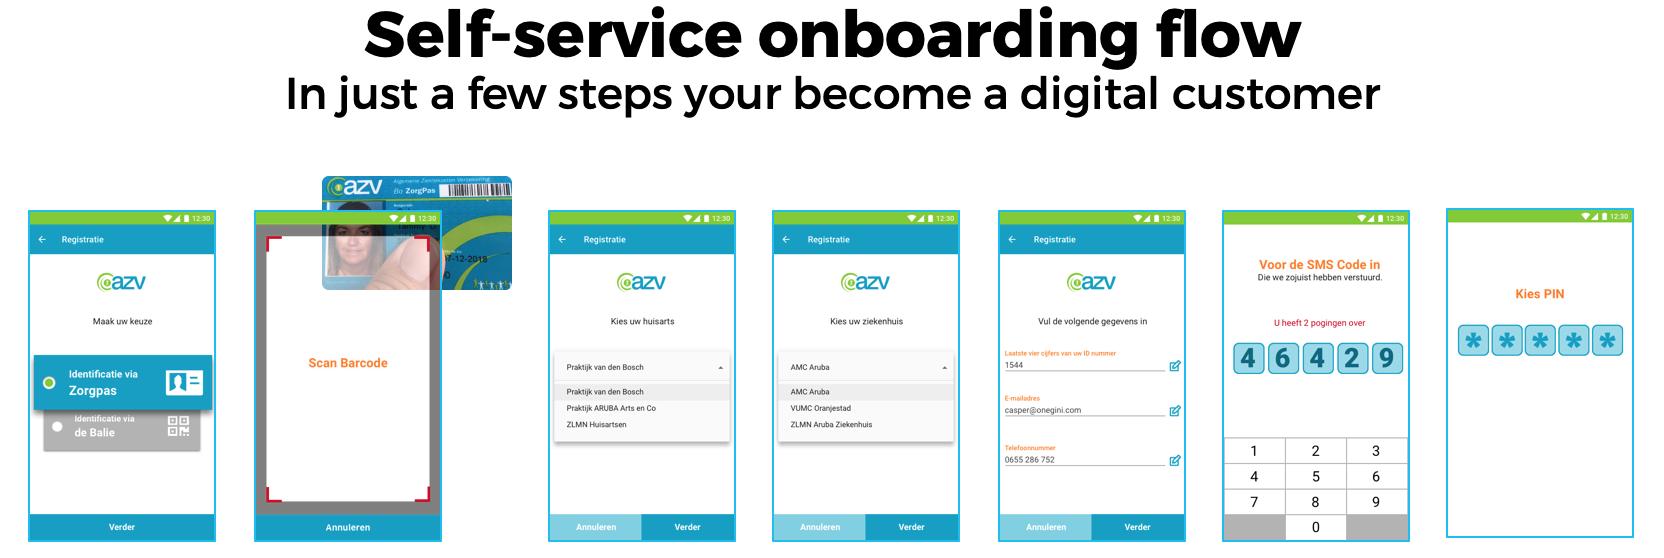 Self-service onboarding